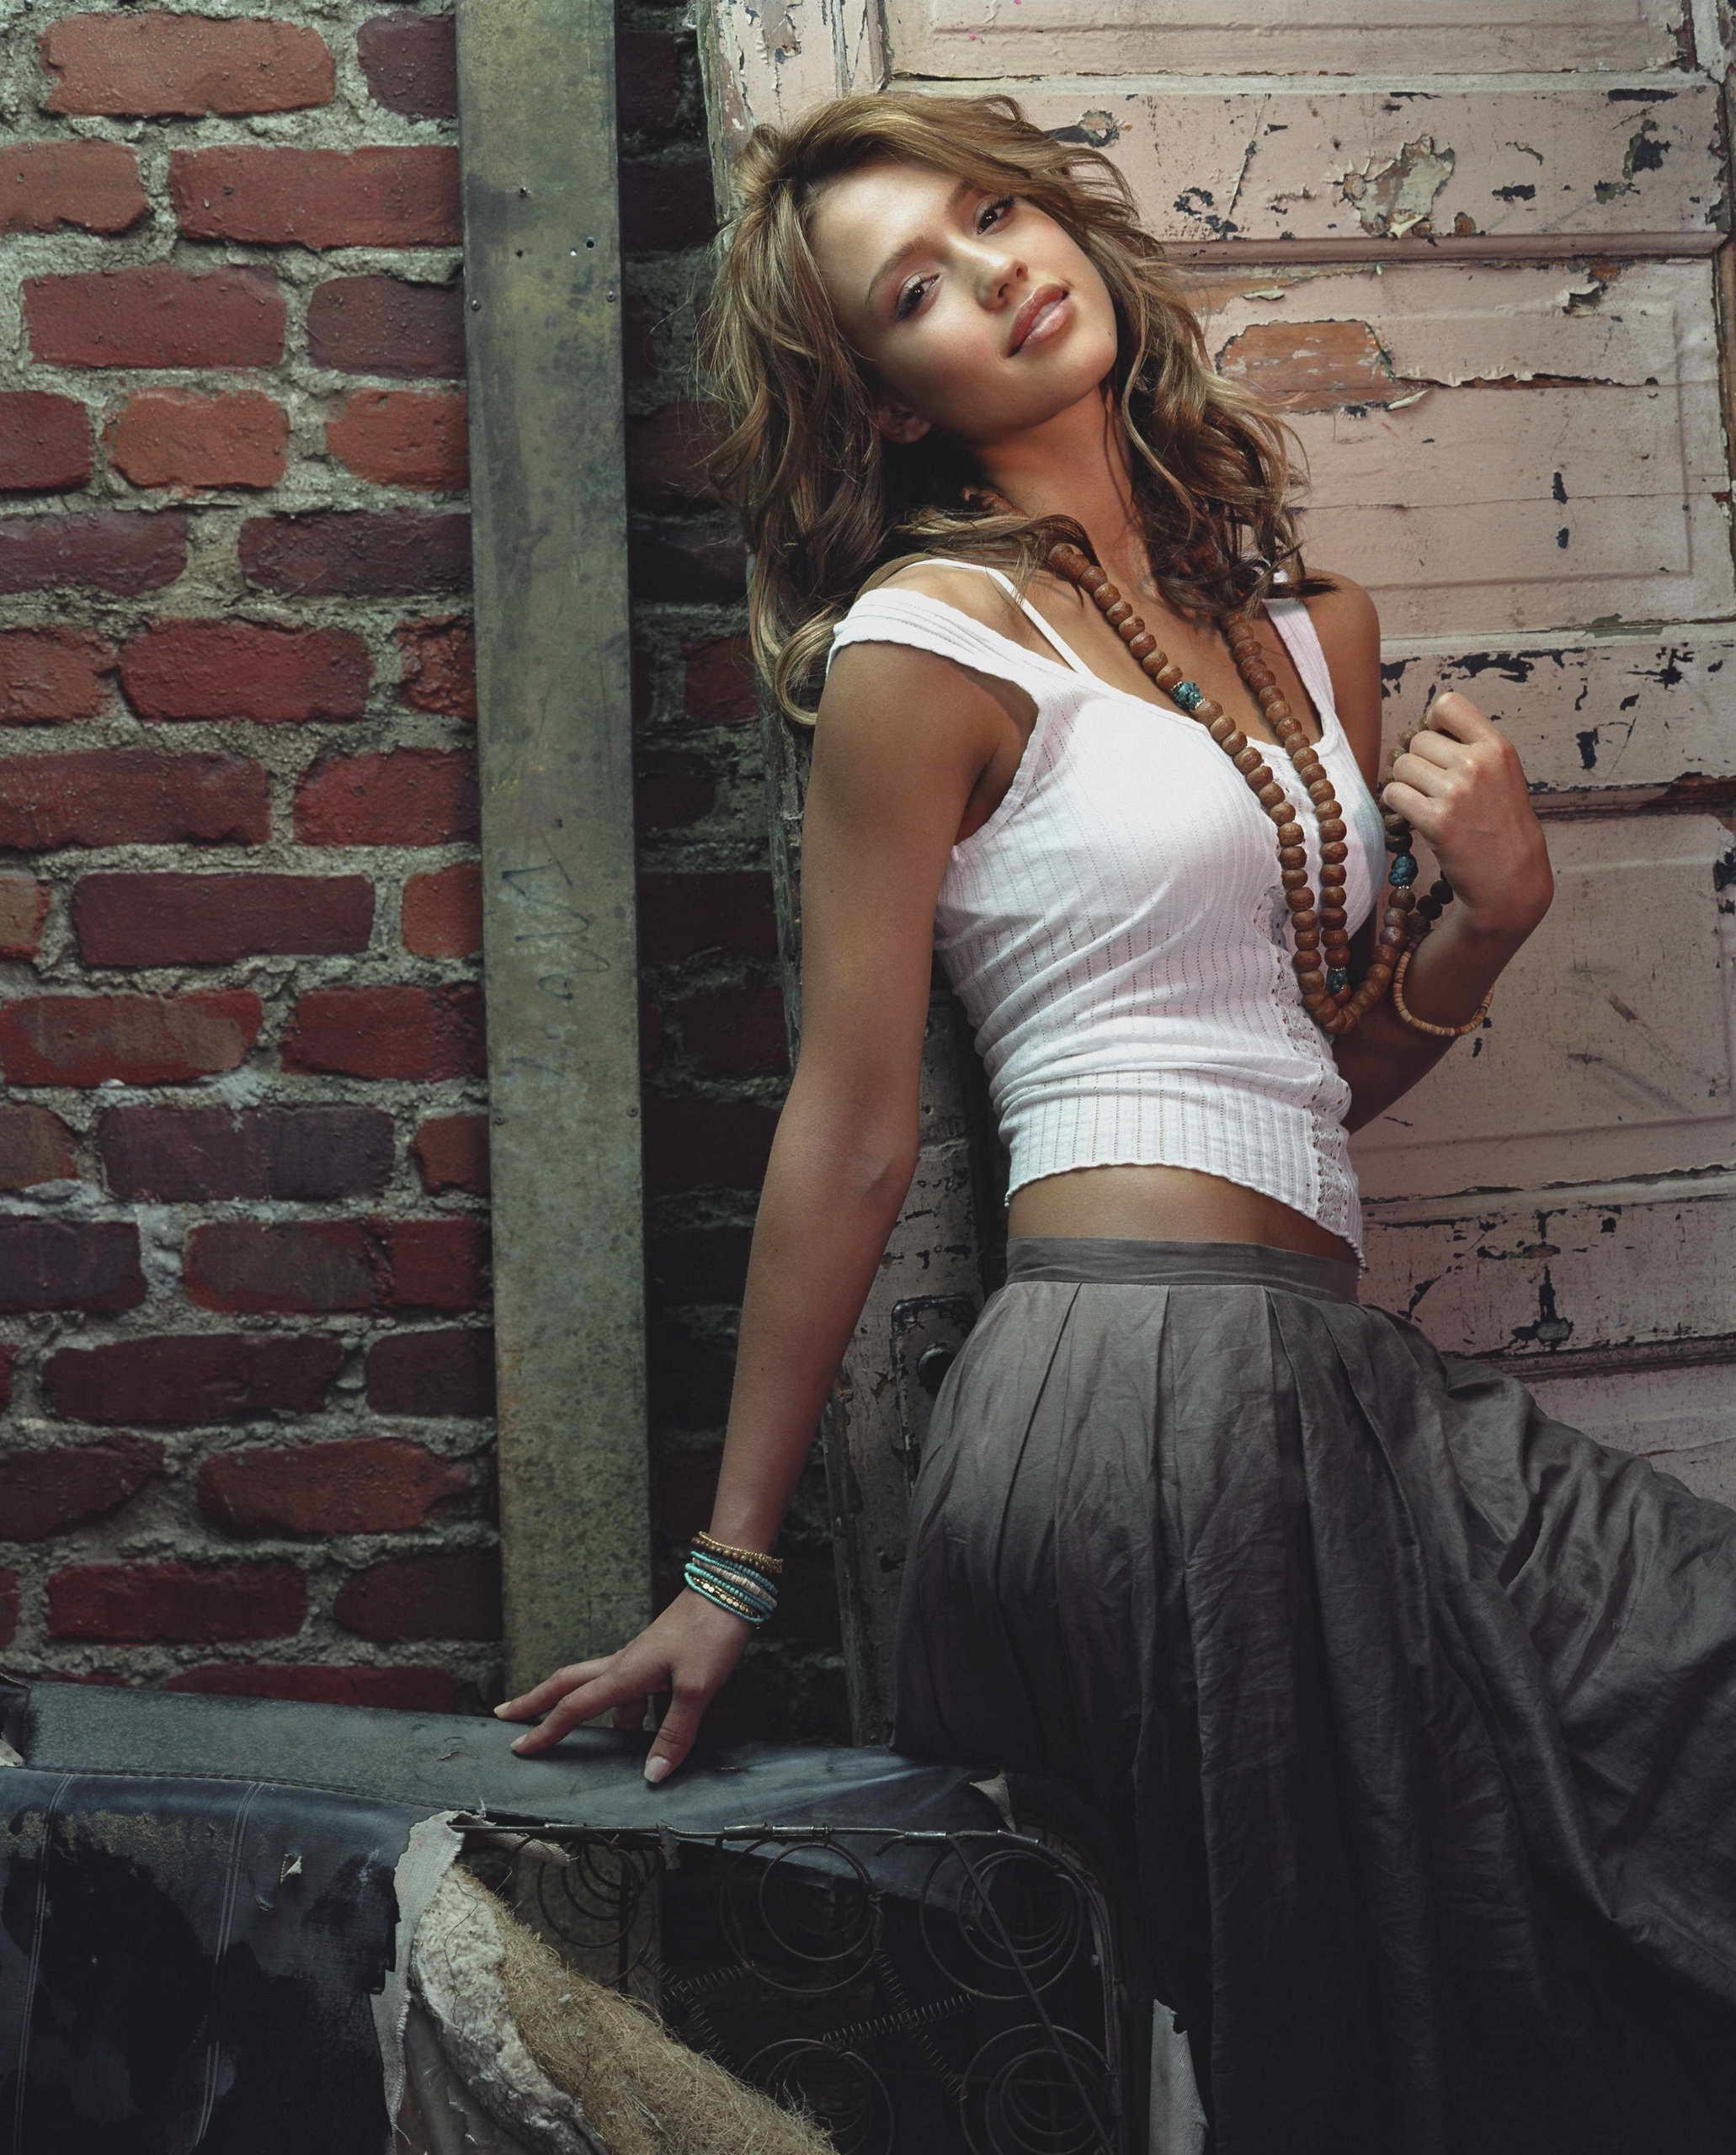 jessica alba new HQ photoshoot